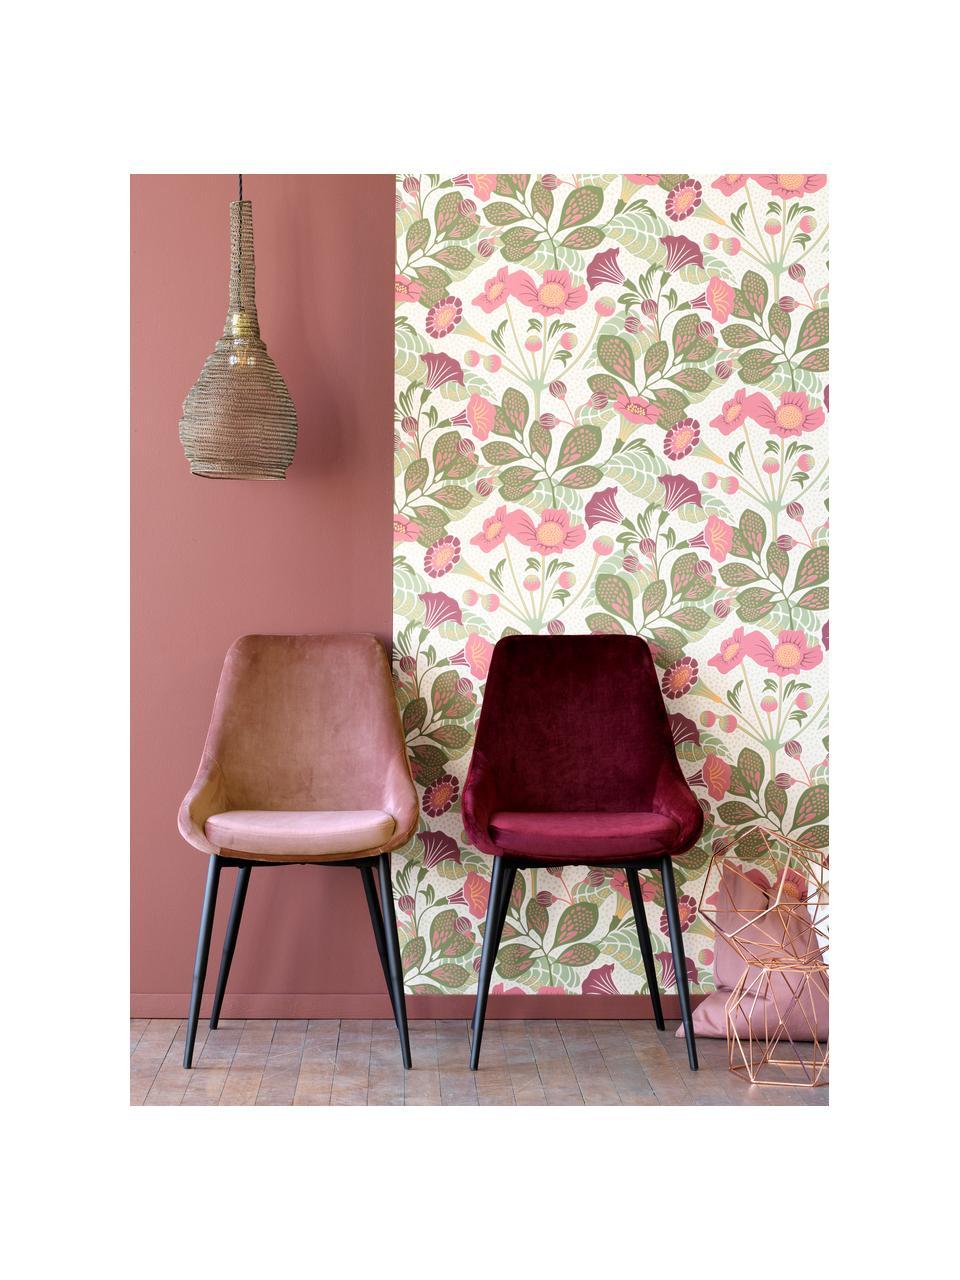 Krzesło tapicerowane z aksamitu Sierra, 2 szt., Tapicerka: aksamit poliestrowy Dzięk, Nogi: metal lakierowany, Aksamit blady różowy, nogi: czarny, S 49 x G 55 cm